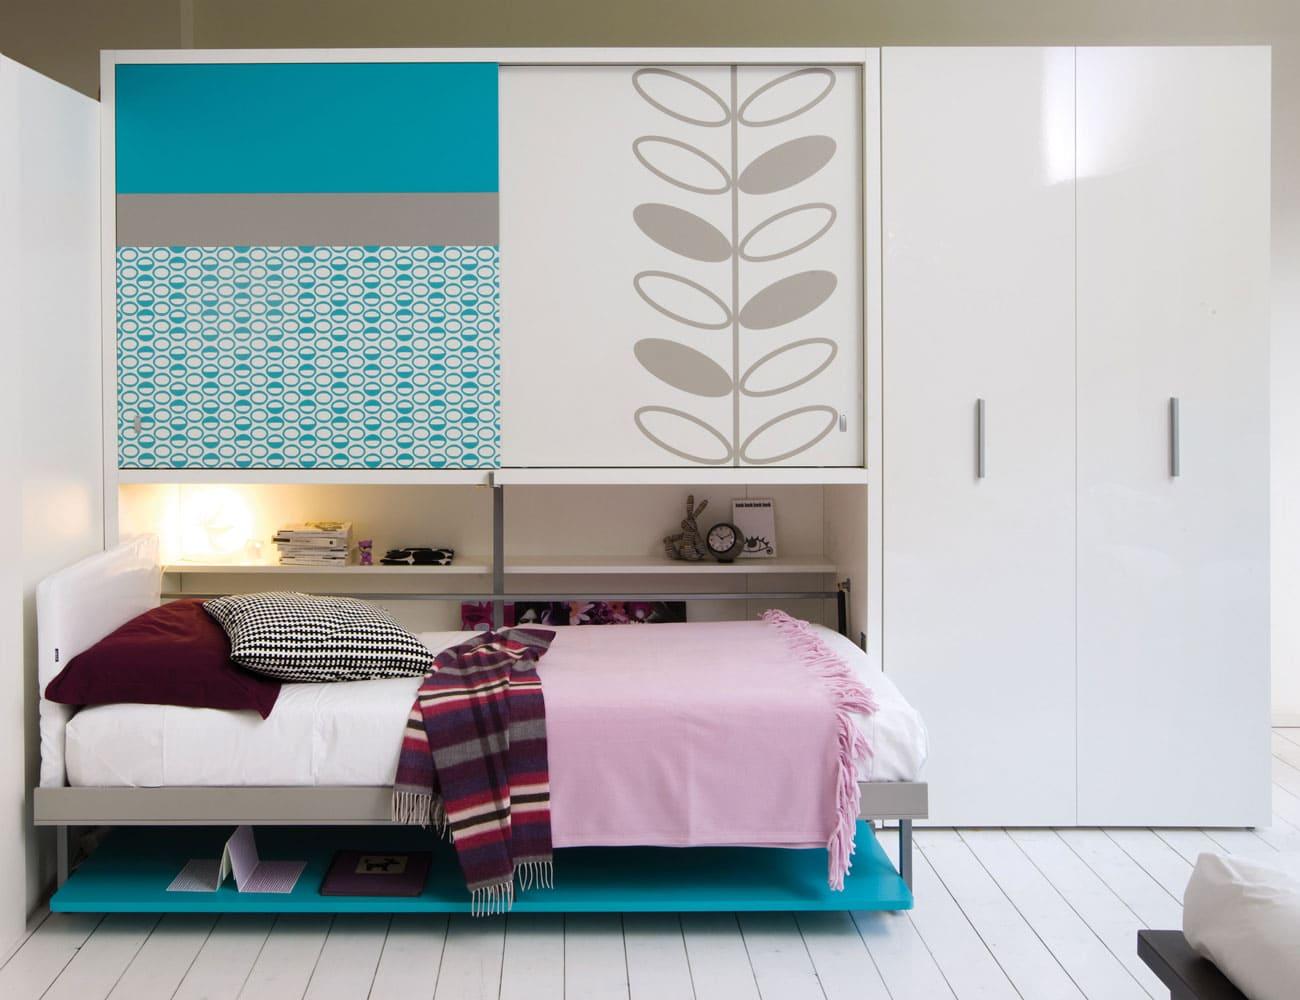 Camas abatibles para dormitorios peque os colch n expr s - Habitaciones juveniles camas abatibles horizontales ...